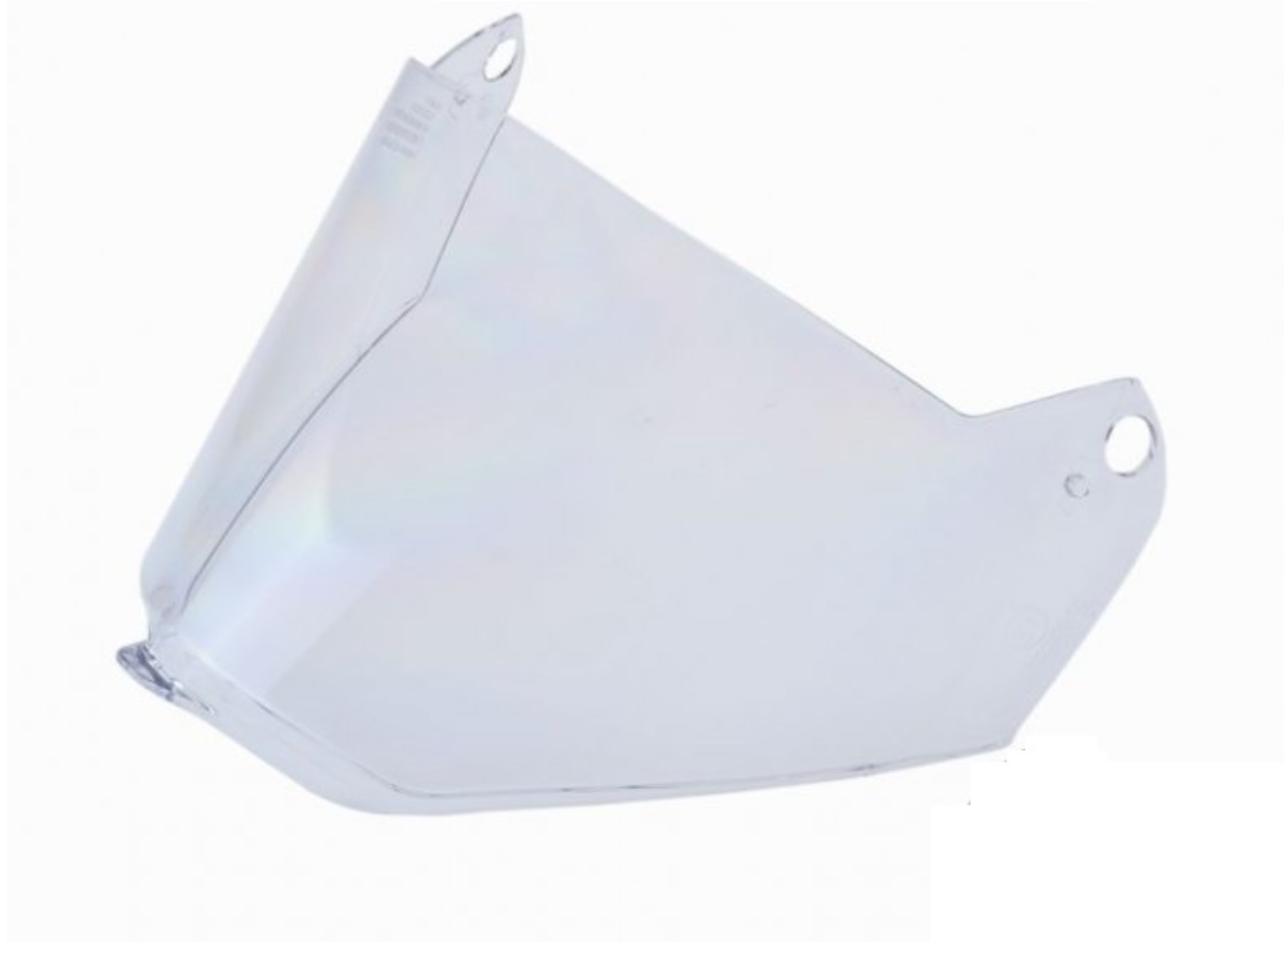 Náhradní hledí pro přilbu LS2 MX436 Pioneer EVO Barva: Čiré